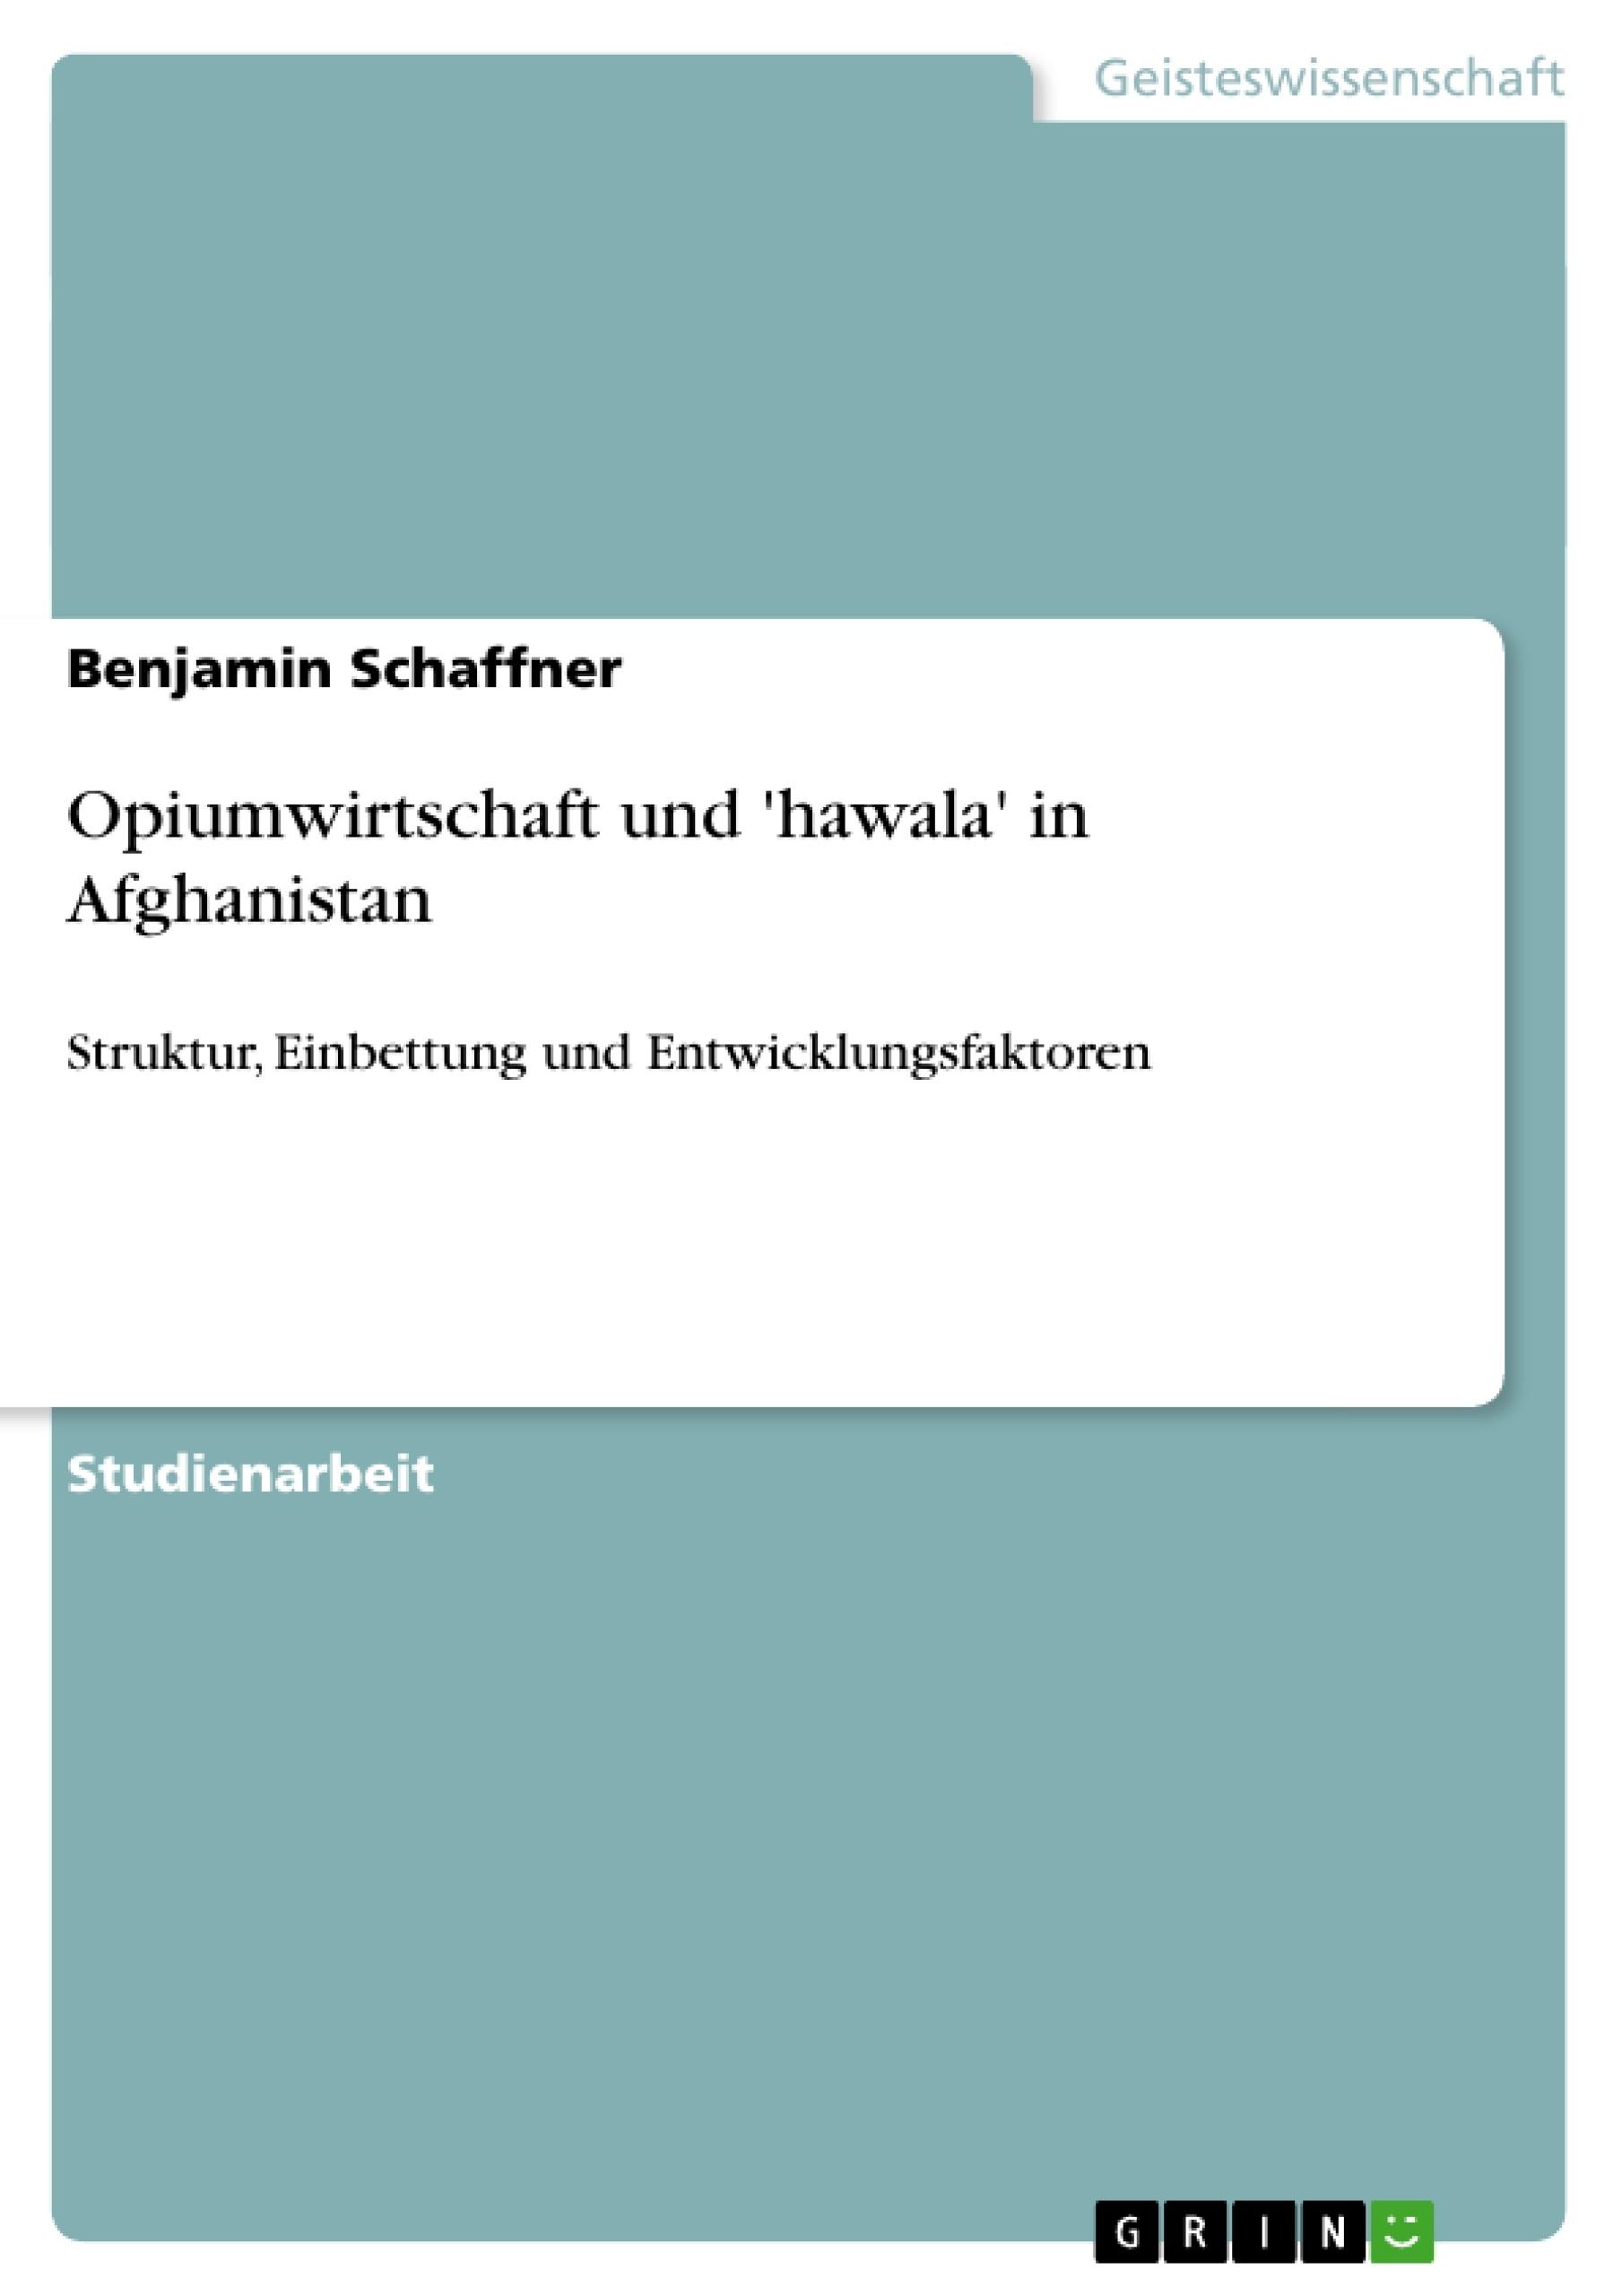 Titel: Opiumwirtschaft und 'hawala' in Afghanistan